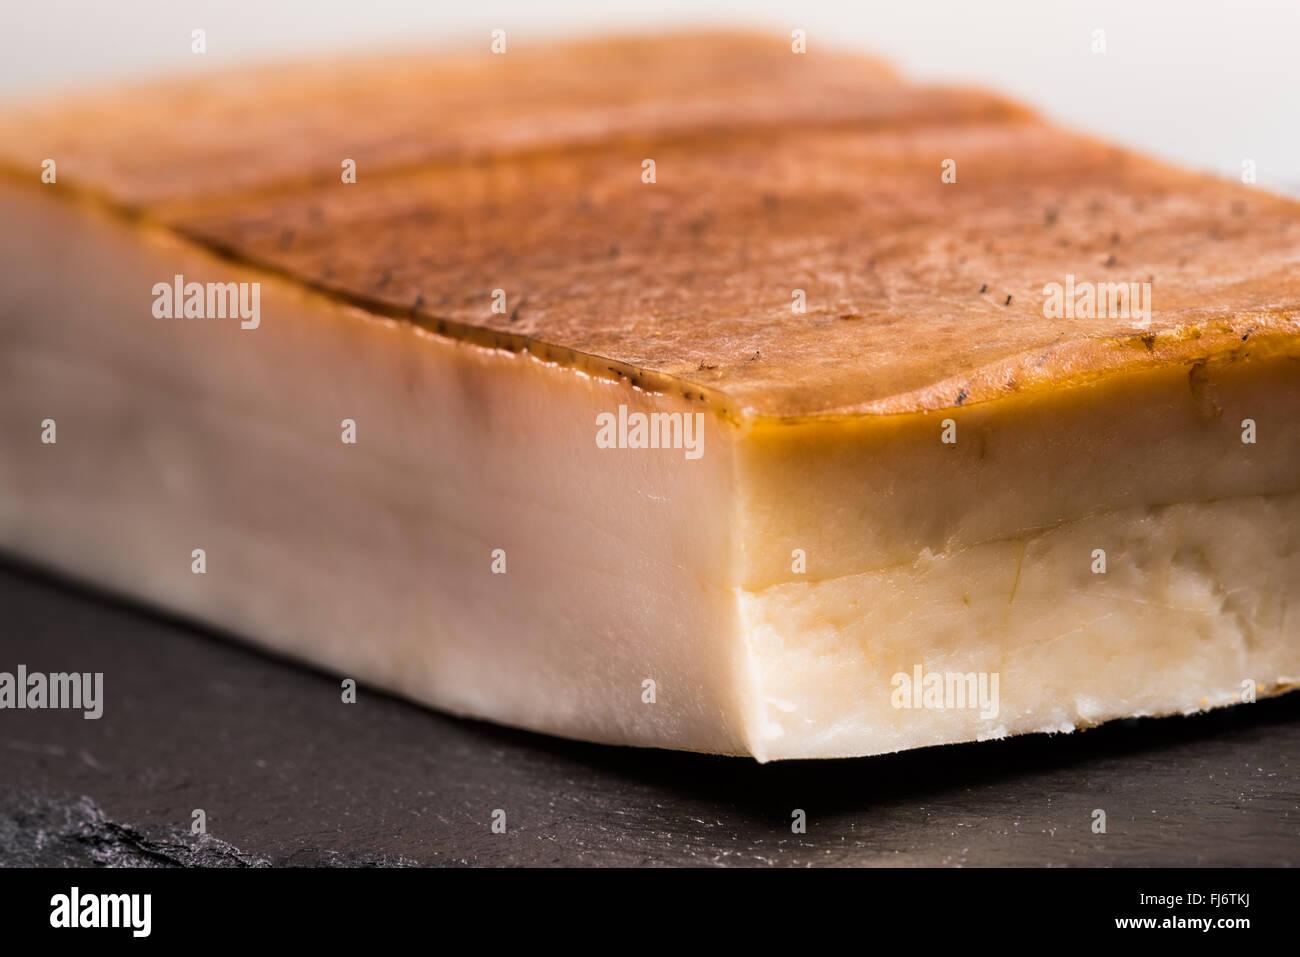 Bacon gras sur fond noir, le projet de loi, flan de porc, couenne, fumé, de la peau, les calories, le régime Photo Stock